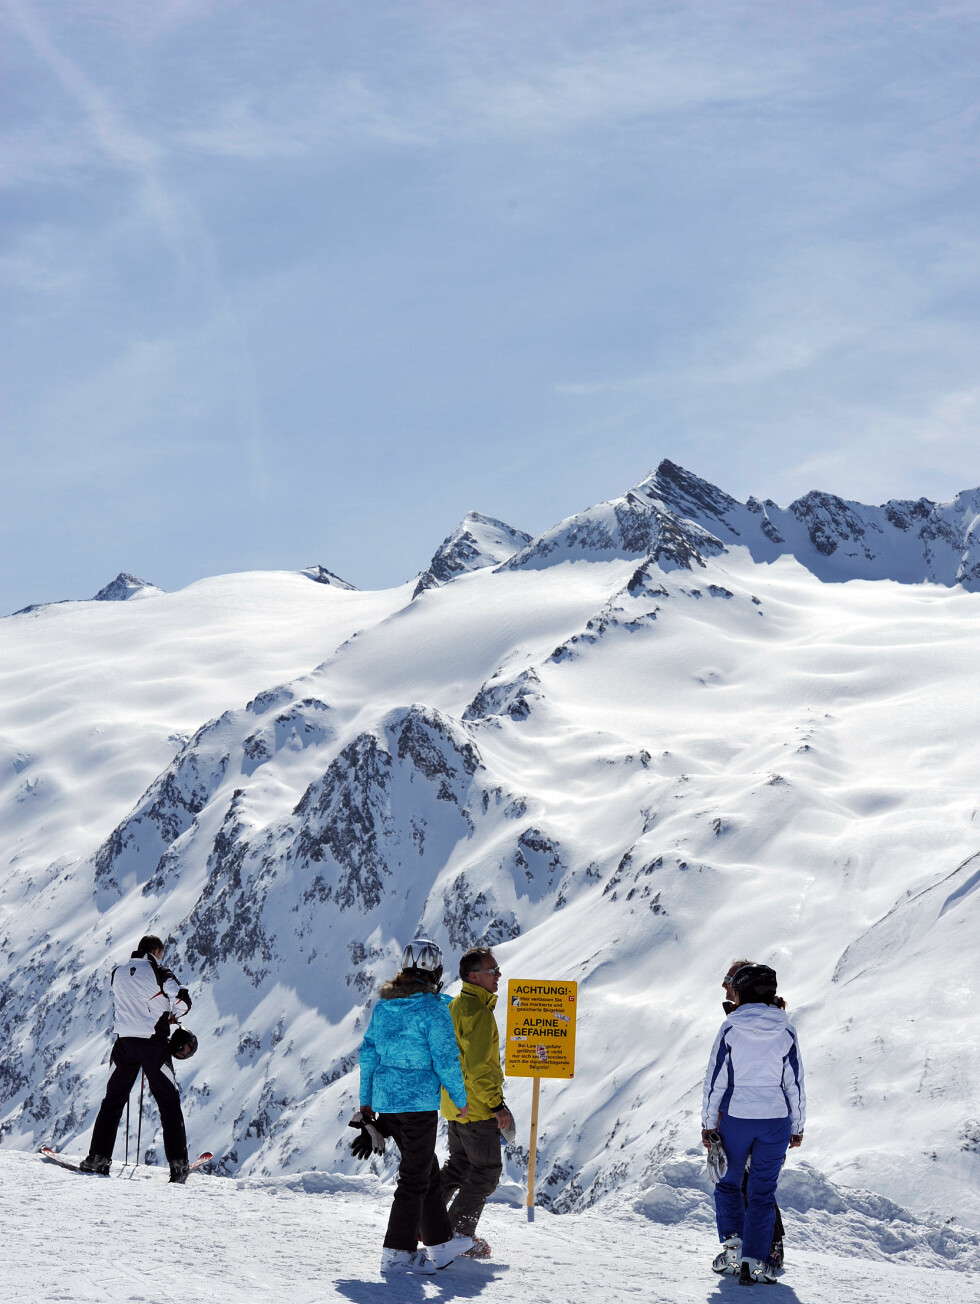 Fjellene i denne delen av Østerrike er imponerende. Vi vil likevel klassifisere skianleggene rundt Sölden som et sted for de som har litt erfaring på ski. Barnebakkene er ikke så lett tilgjengelige.   Foto: Hans Kristian Krogh-Hanssen